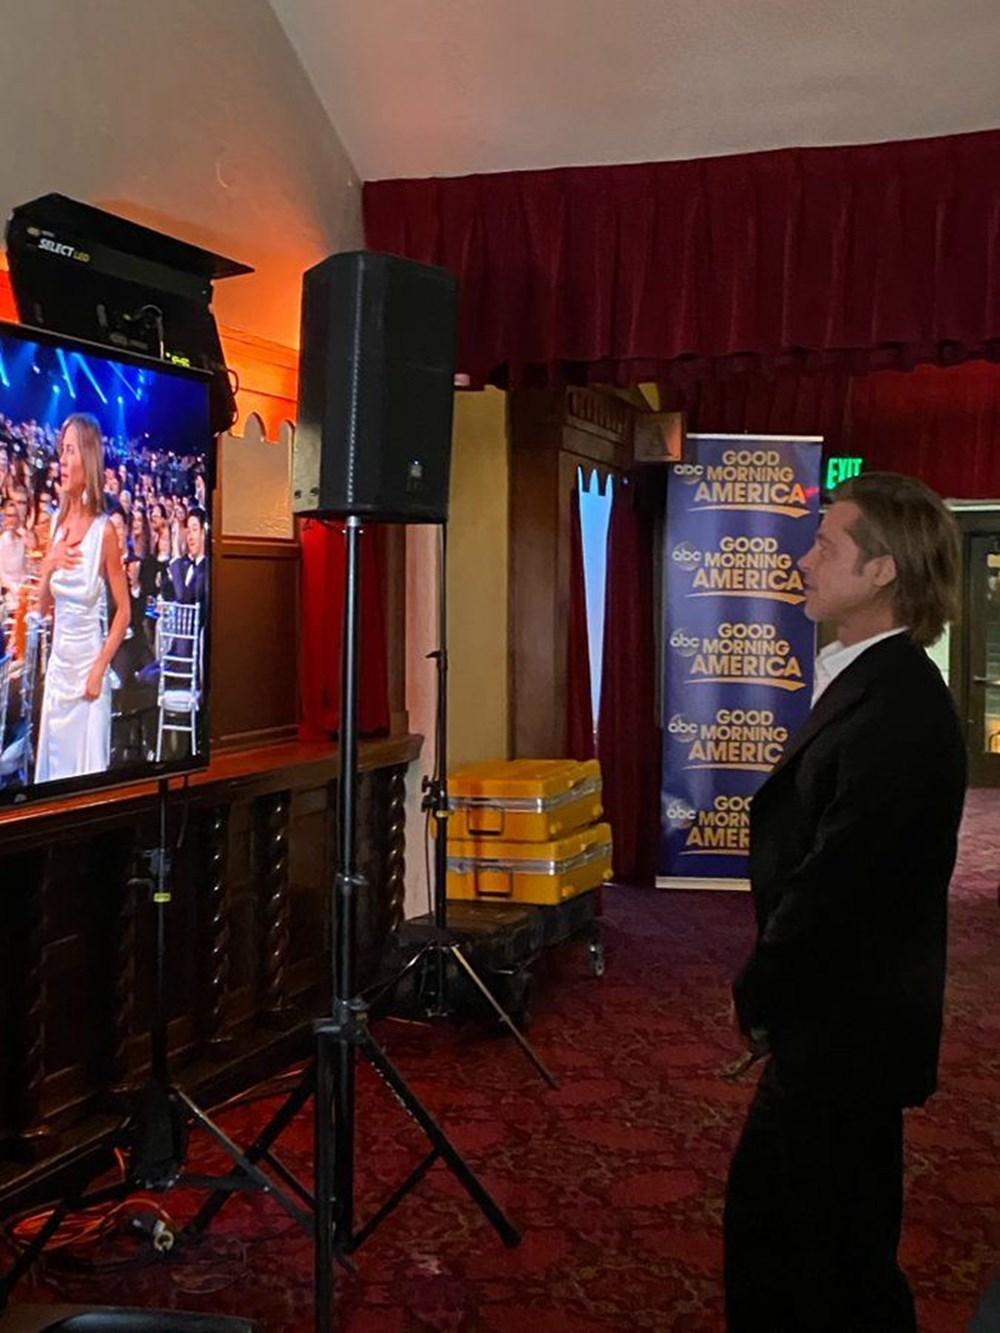 GECENİN EN SEMPATİK ANI Brad Pitt ödülünü aldıktan sonra sahne arkasındayken ödül törenini sahne arkasındaki ekrandan takip etti. Eski eşi Jennifer Aniston, The Morning Show'daki performansıyla drama dizisi dalında En İyi Kadın Oyuncu ödülü için ismi açıklanan kişi oldu. Pitt, Aniston'un ödülü alacağından emin bir şekilde onu izlerken böyle görüntülendi.